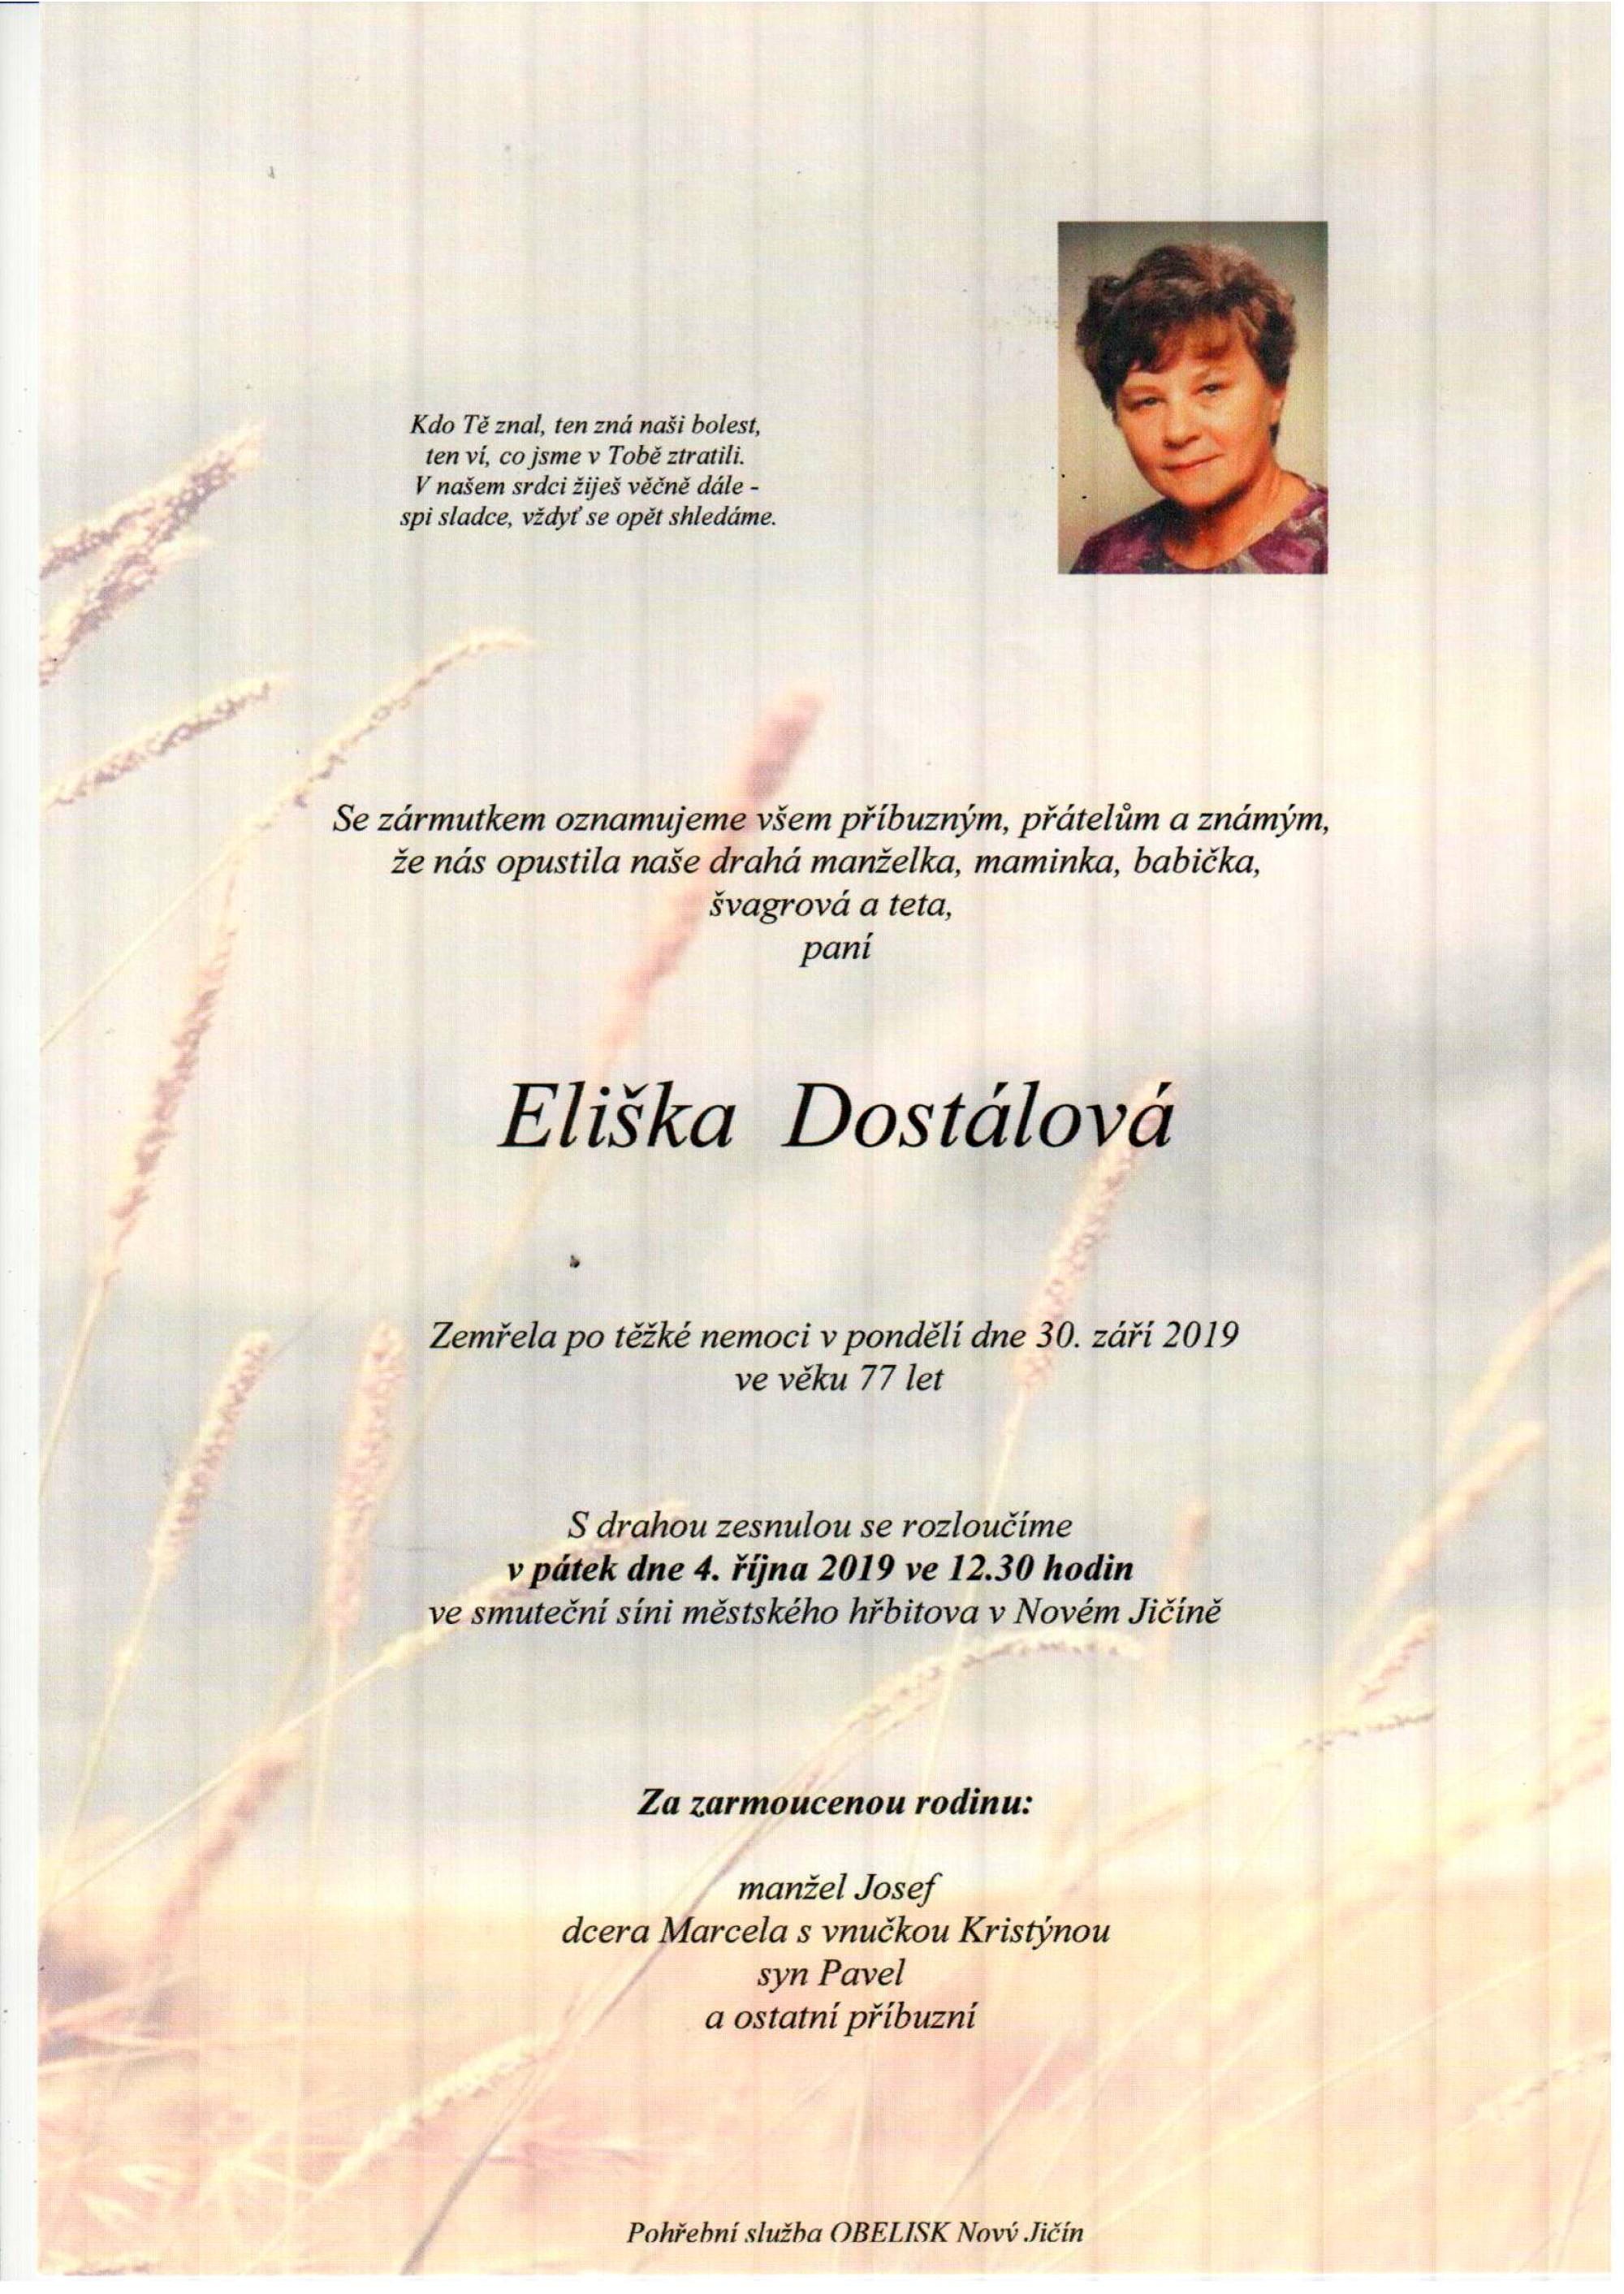 Eliška Dostálová